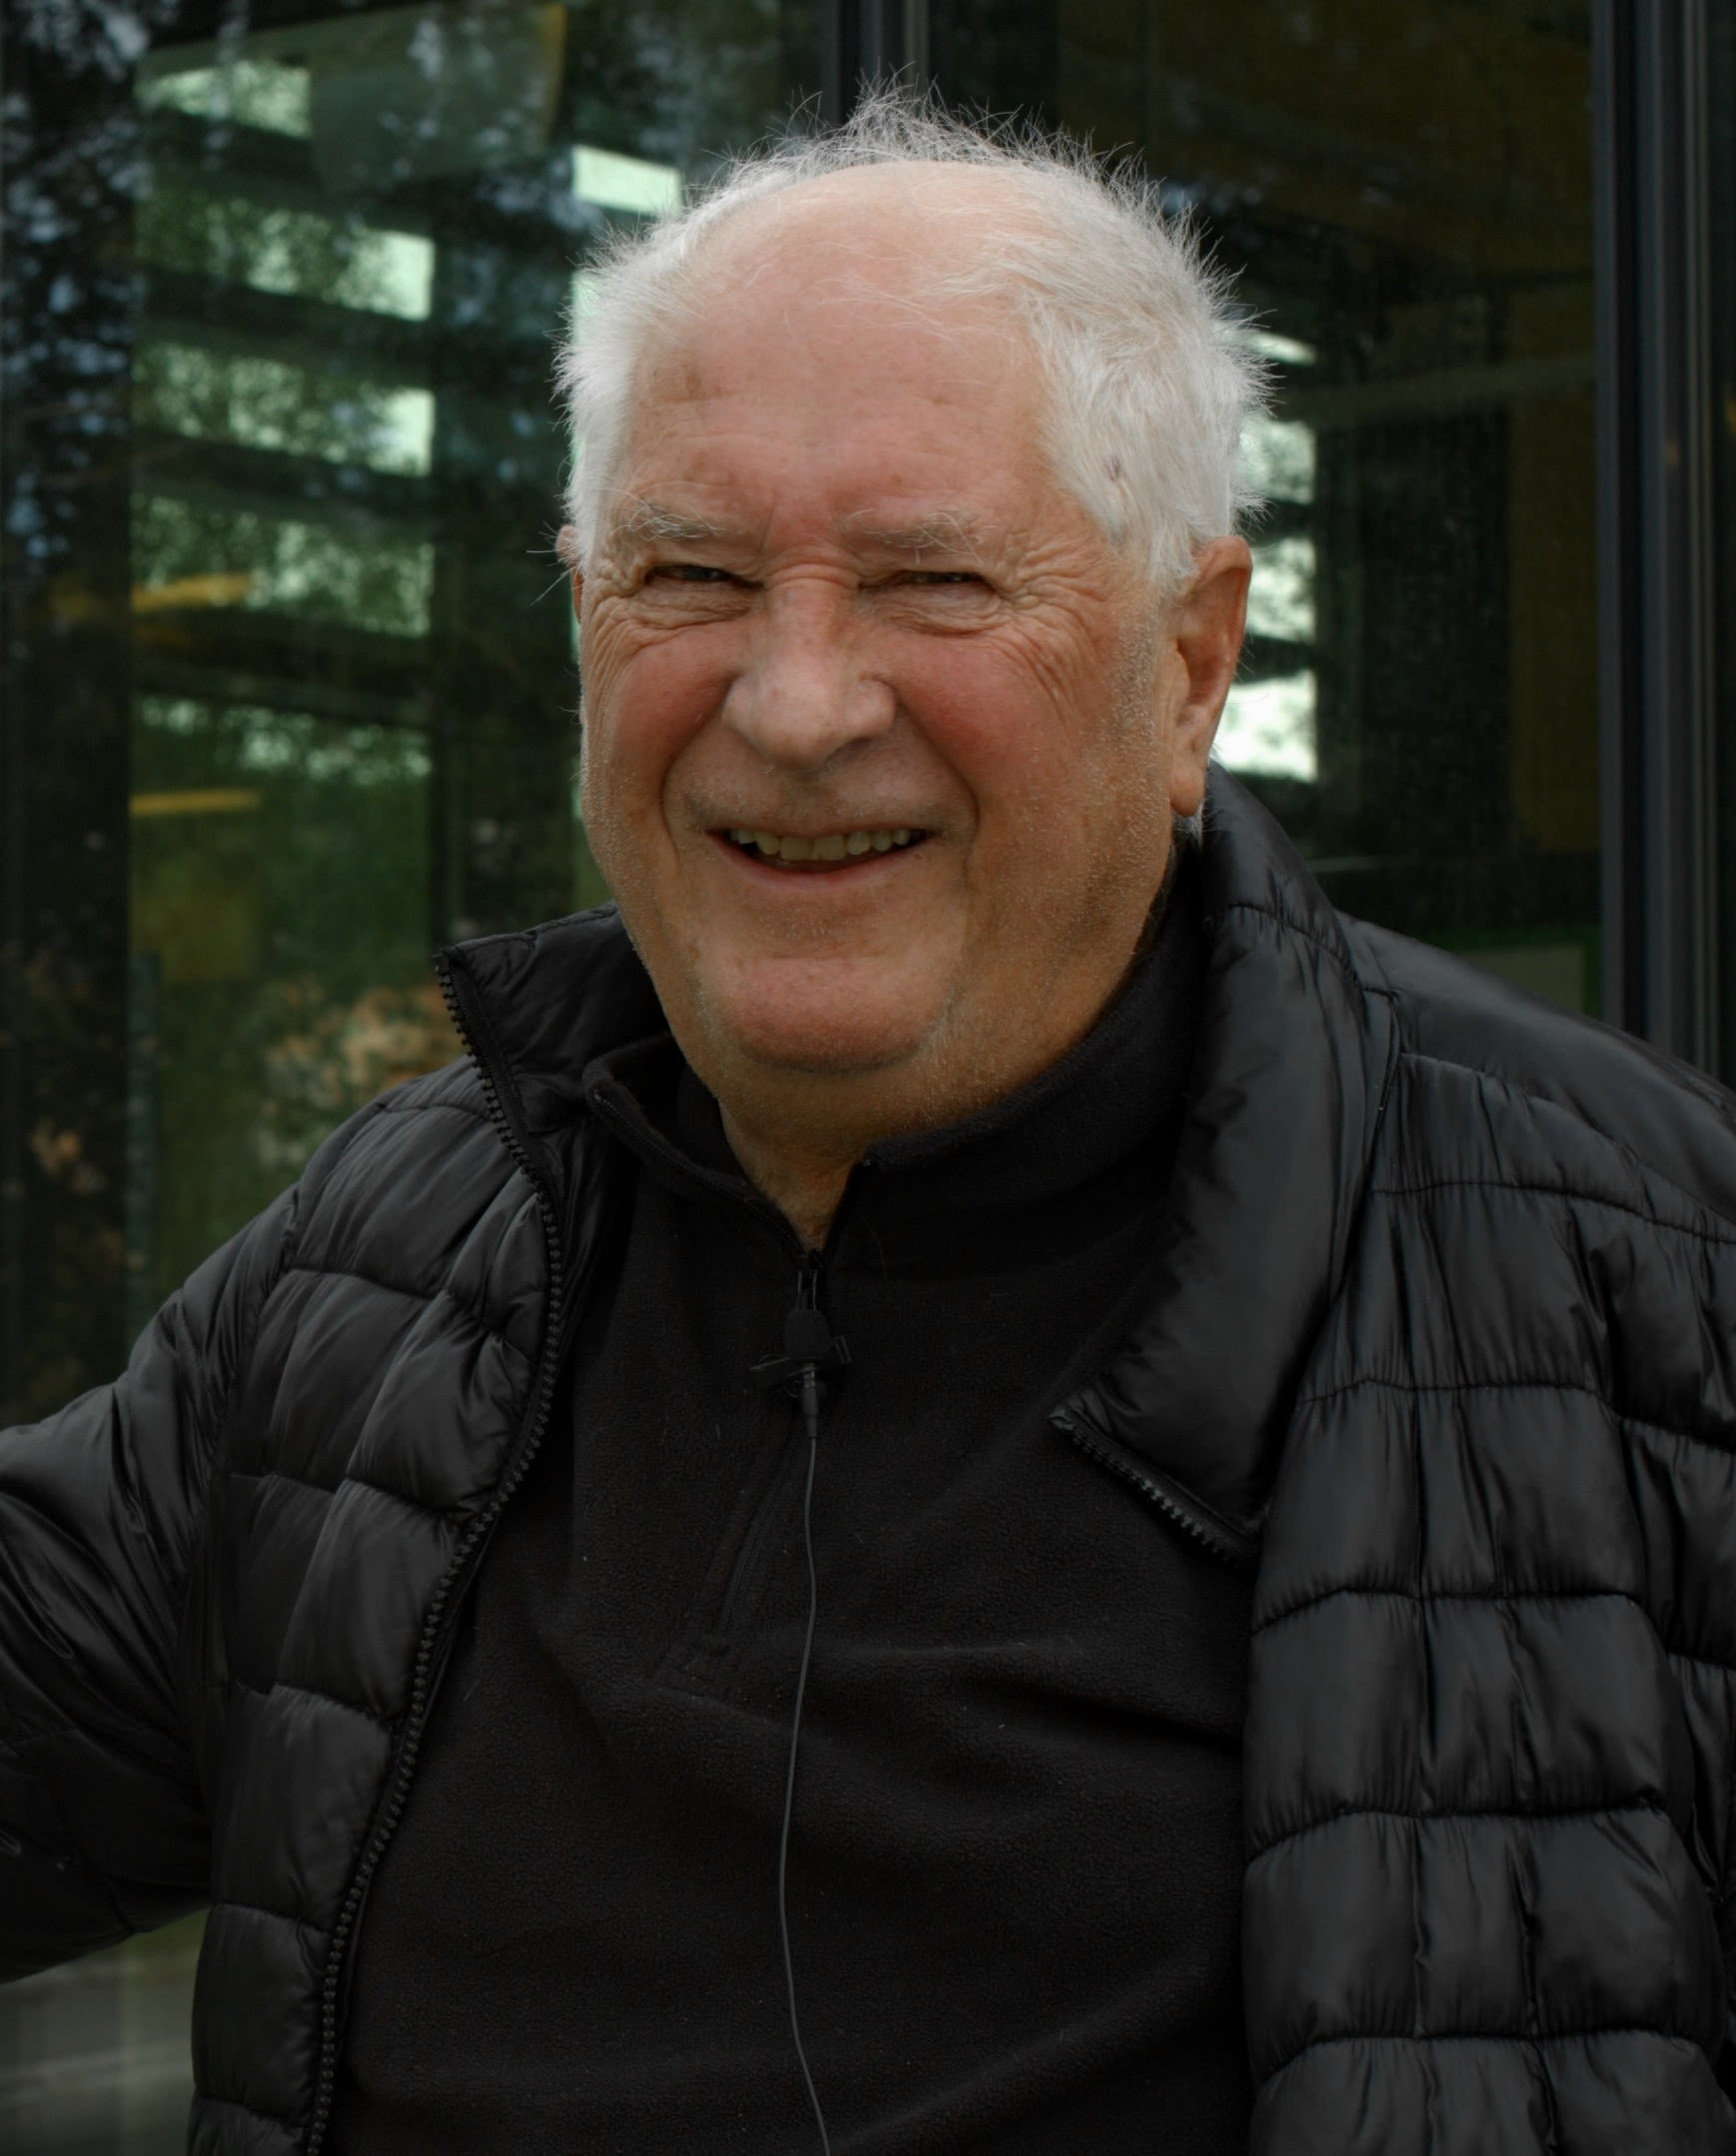 Willy Johnsen var kjøpmann fra 1965 til 1997, og er fortsatt innom butikken i Balsfjordgata flere ganger i uka.